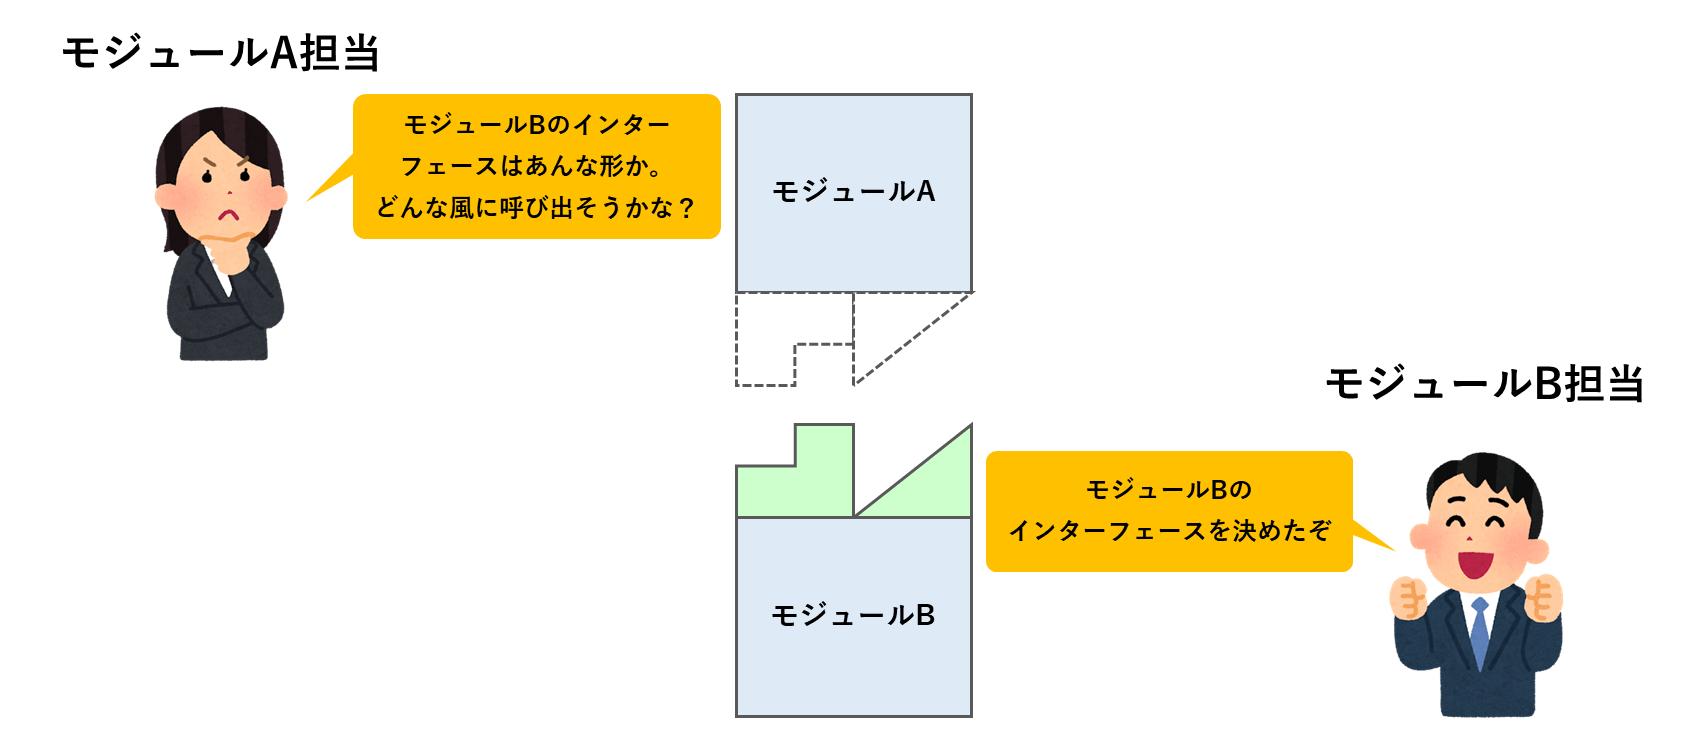 モジュールの分担作業